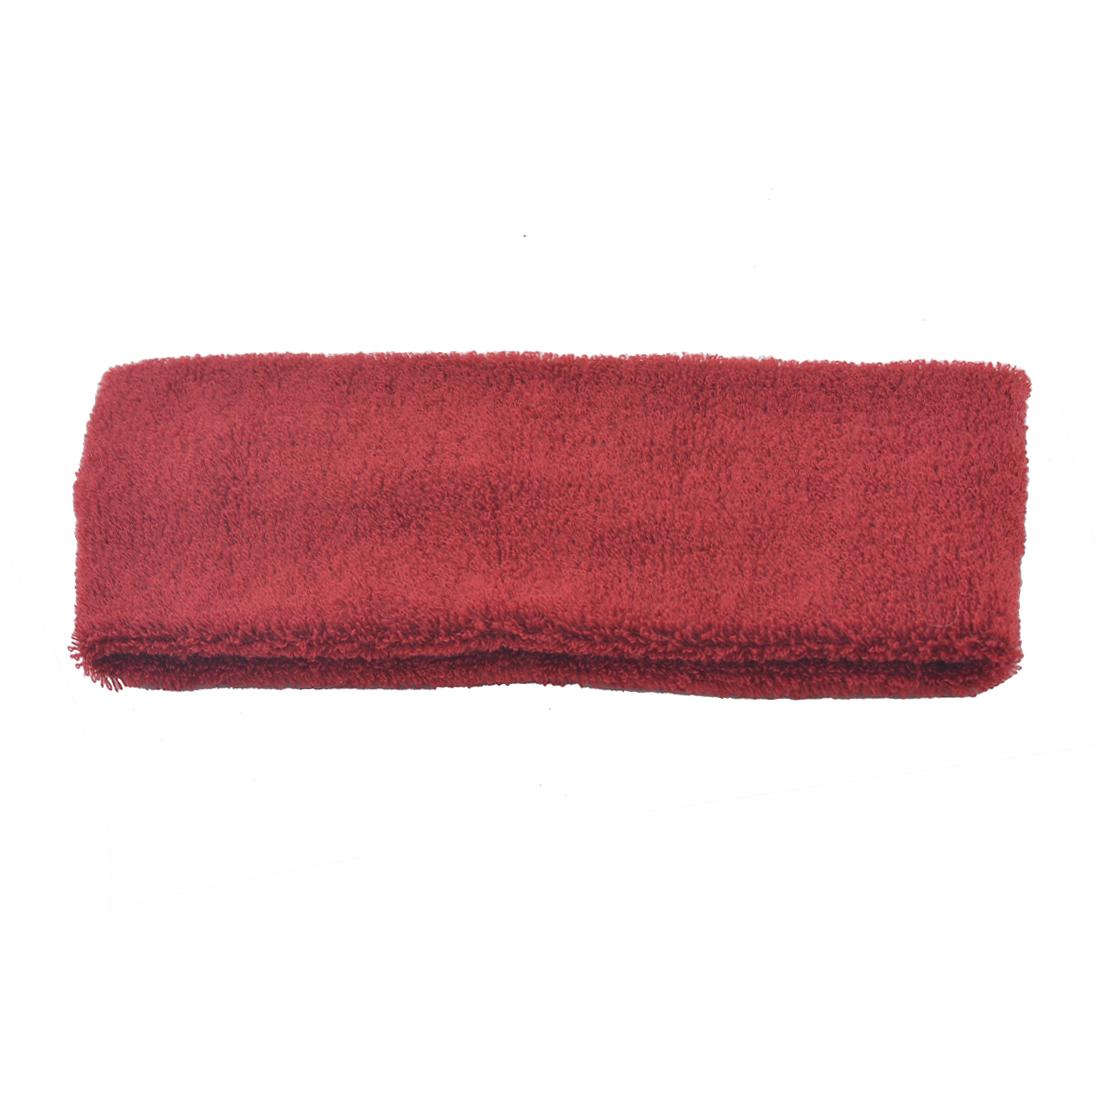 Lady Elastic Fabric Sports Exercise Headband Sweatband Hair Band Burgundy 2pcs